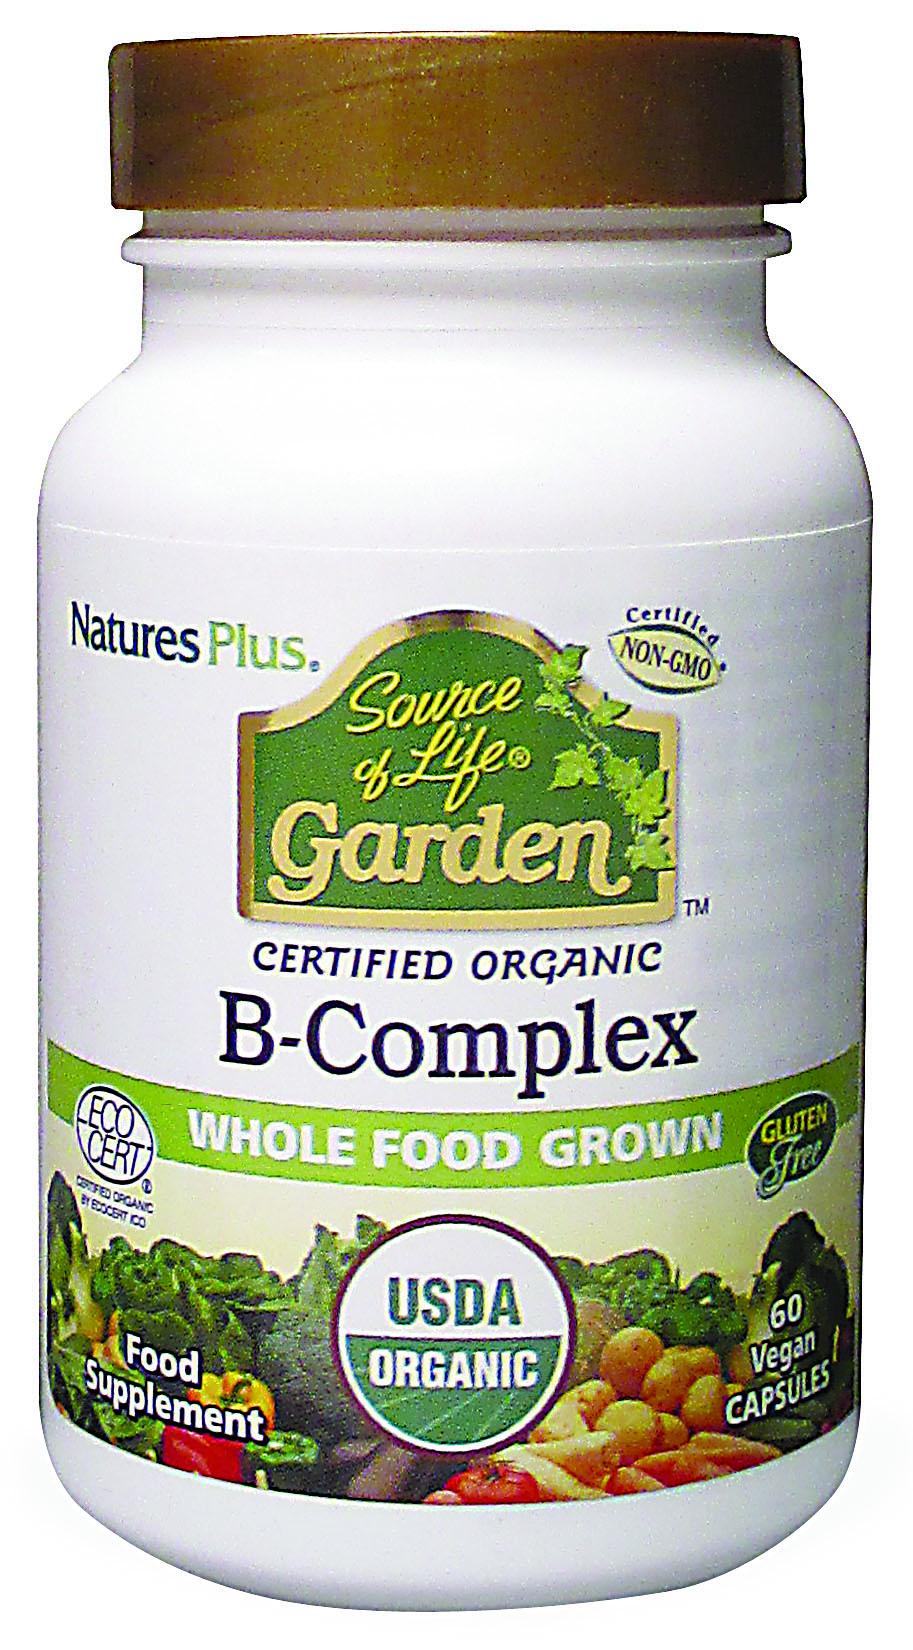 Source of Life Garden B-Complex 60's